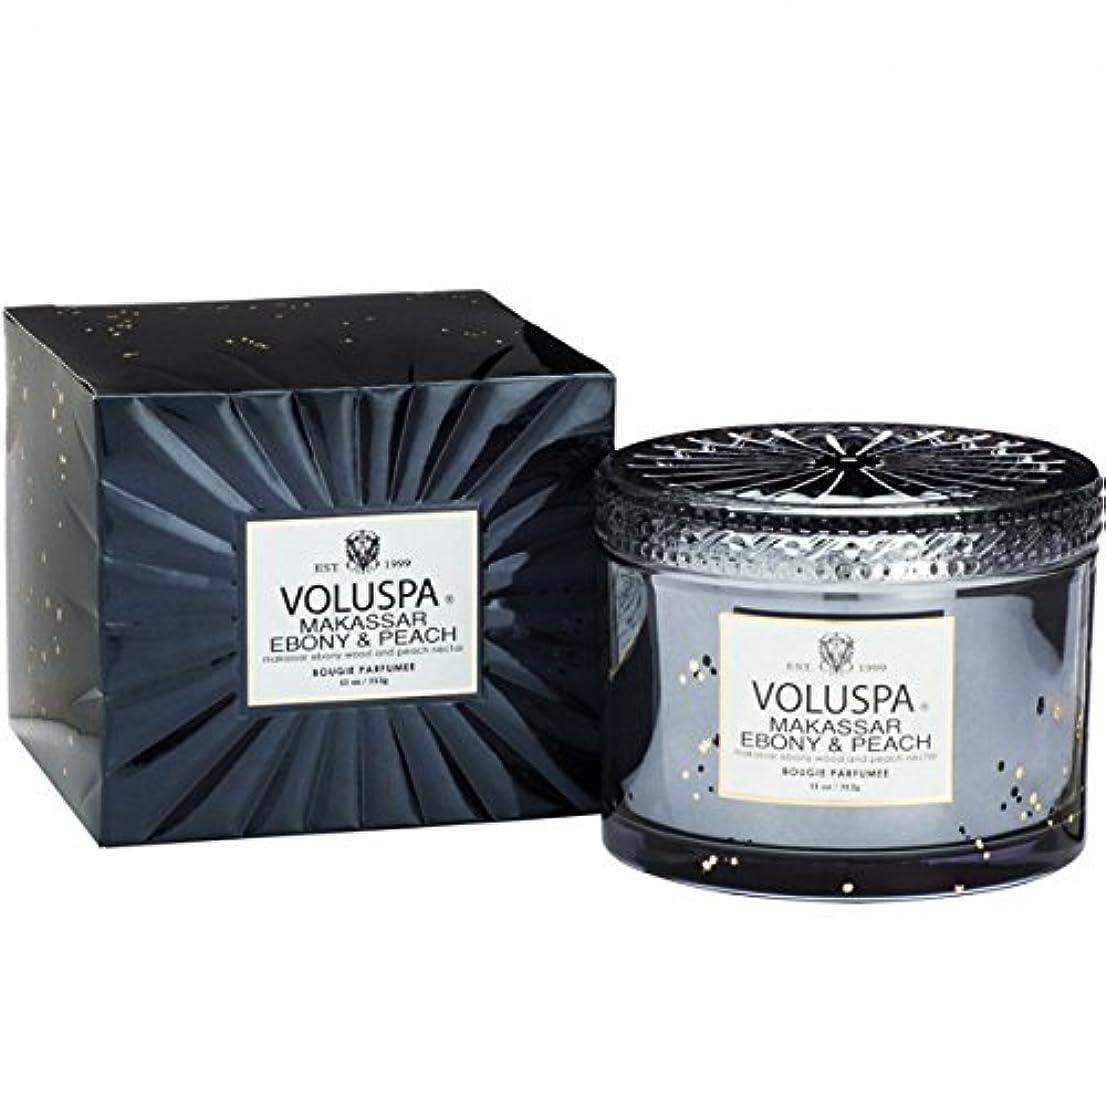 かもめアンタゴニスト世界に死んだVoluspa ボルスパ ヴァーメイル ボックス入り グラスキャンドル マカッサルエホ?ニー&ヒ?ーチ MAKASSAR EBONY&PEACH VERMEIL BOX Glass Candle